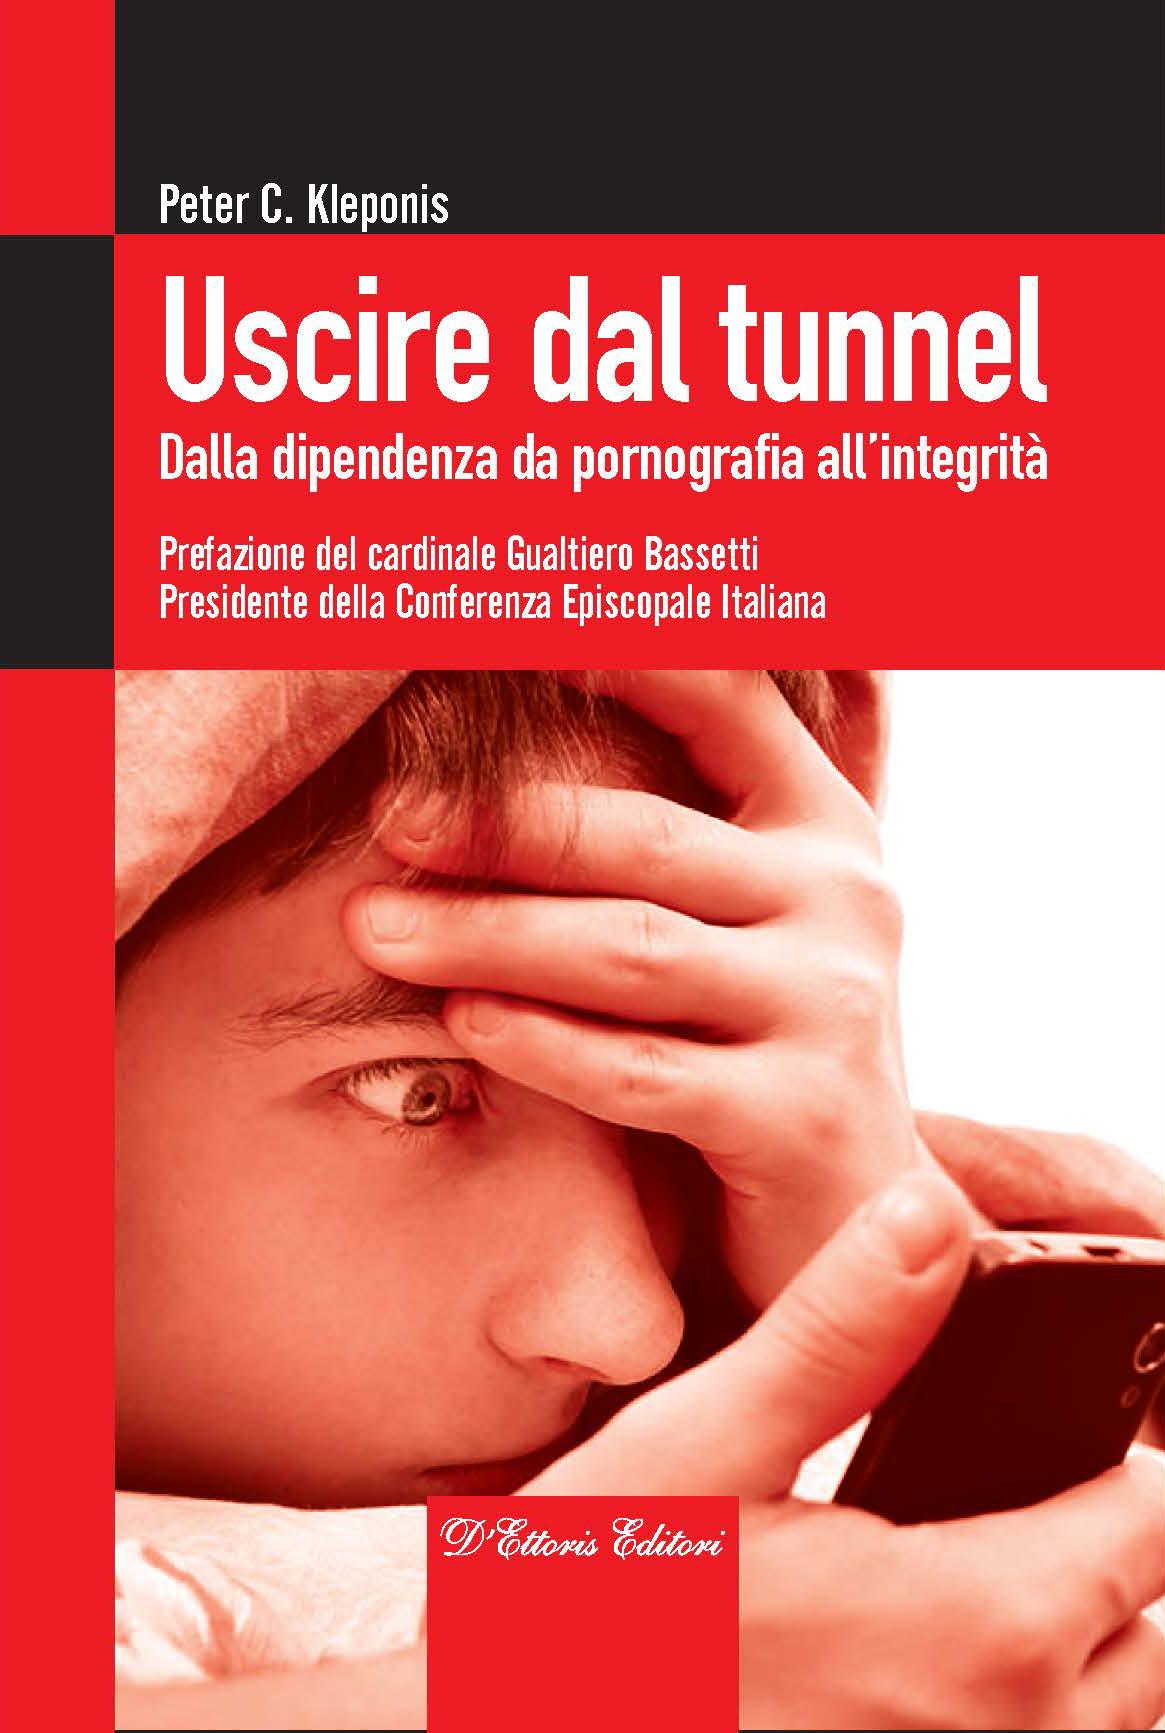 Copertina_Uscire_dal_tunnel_alette